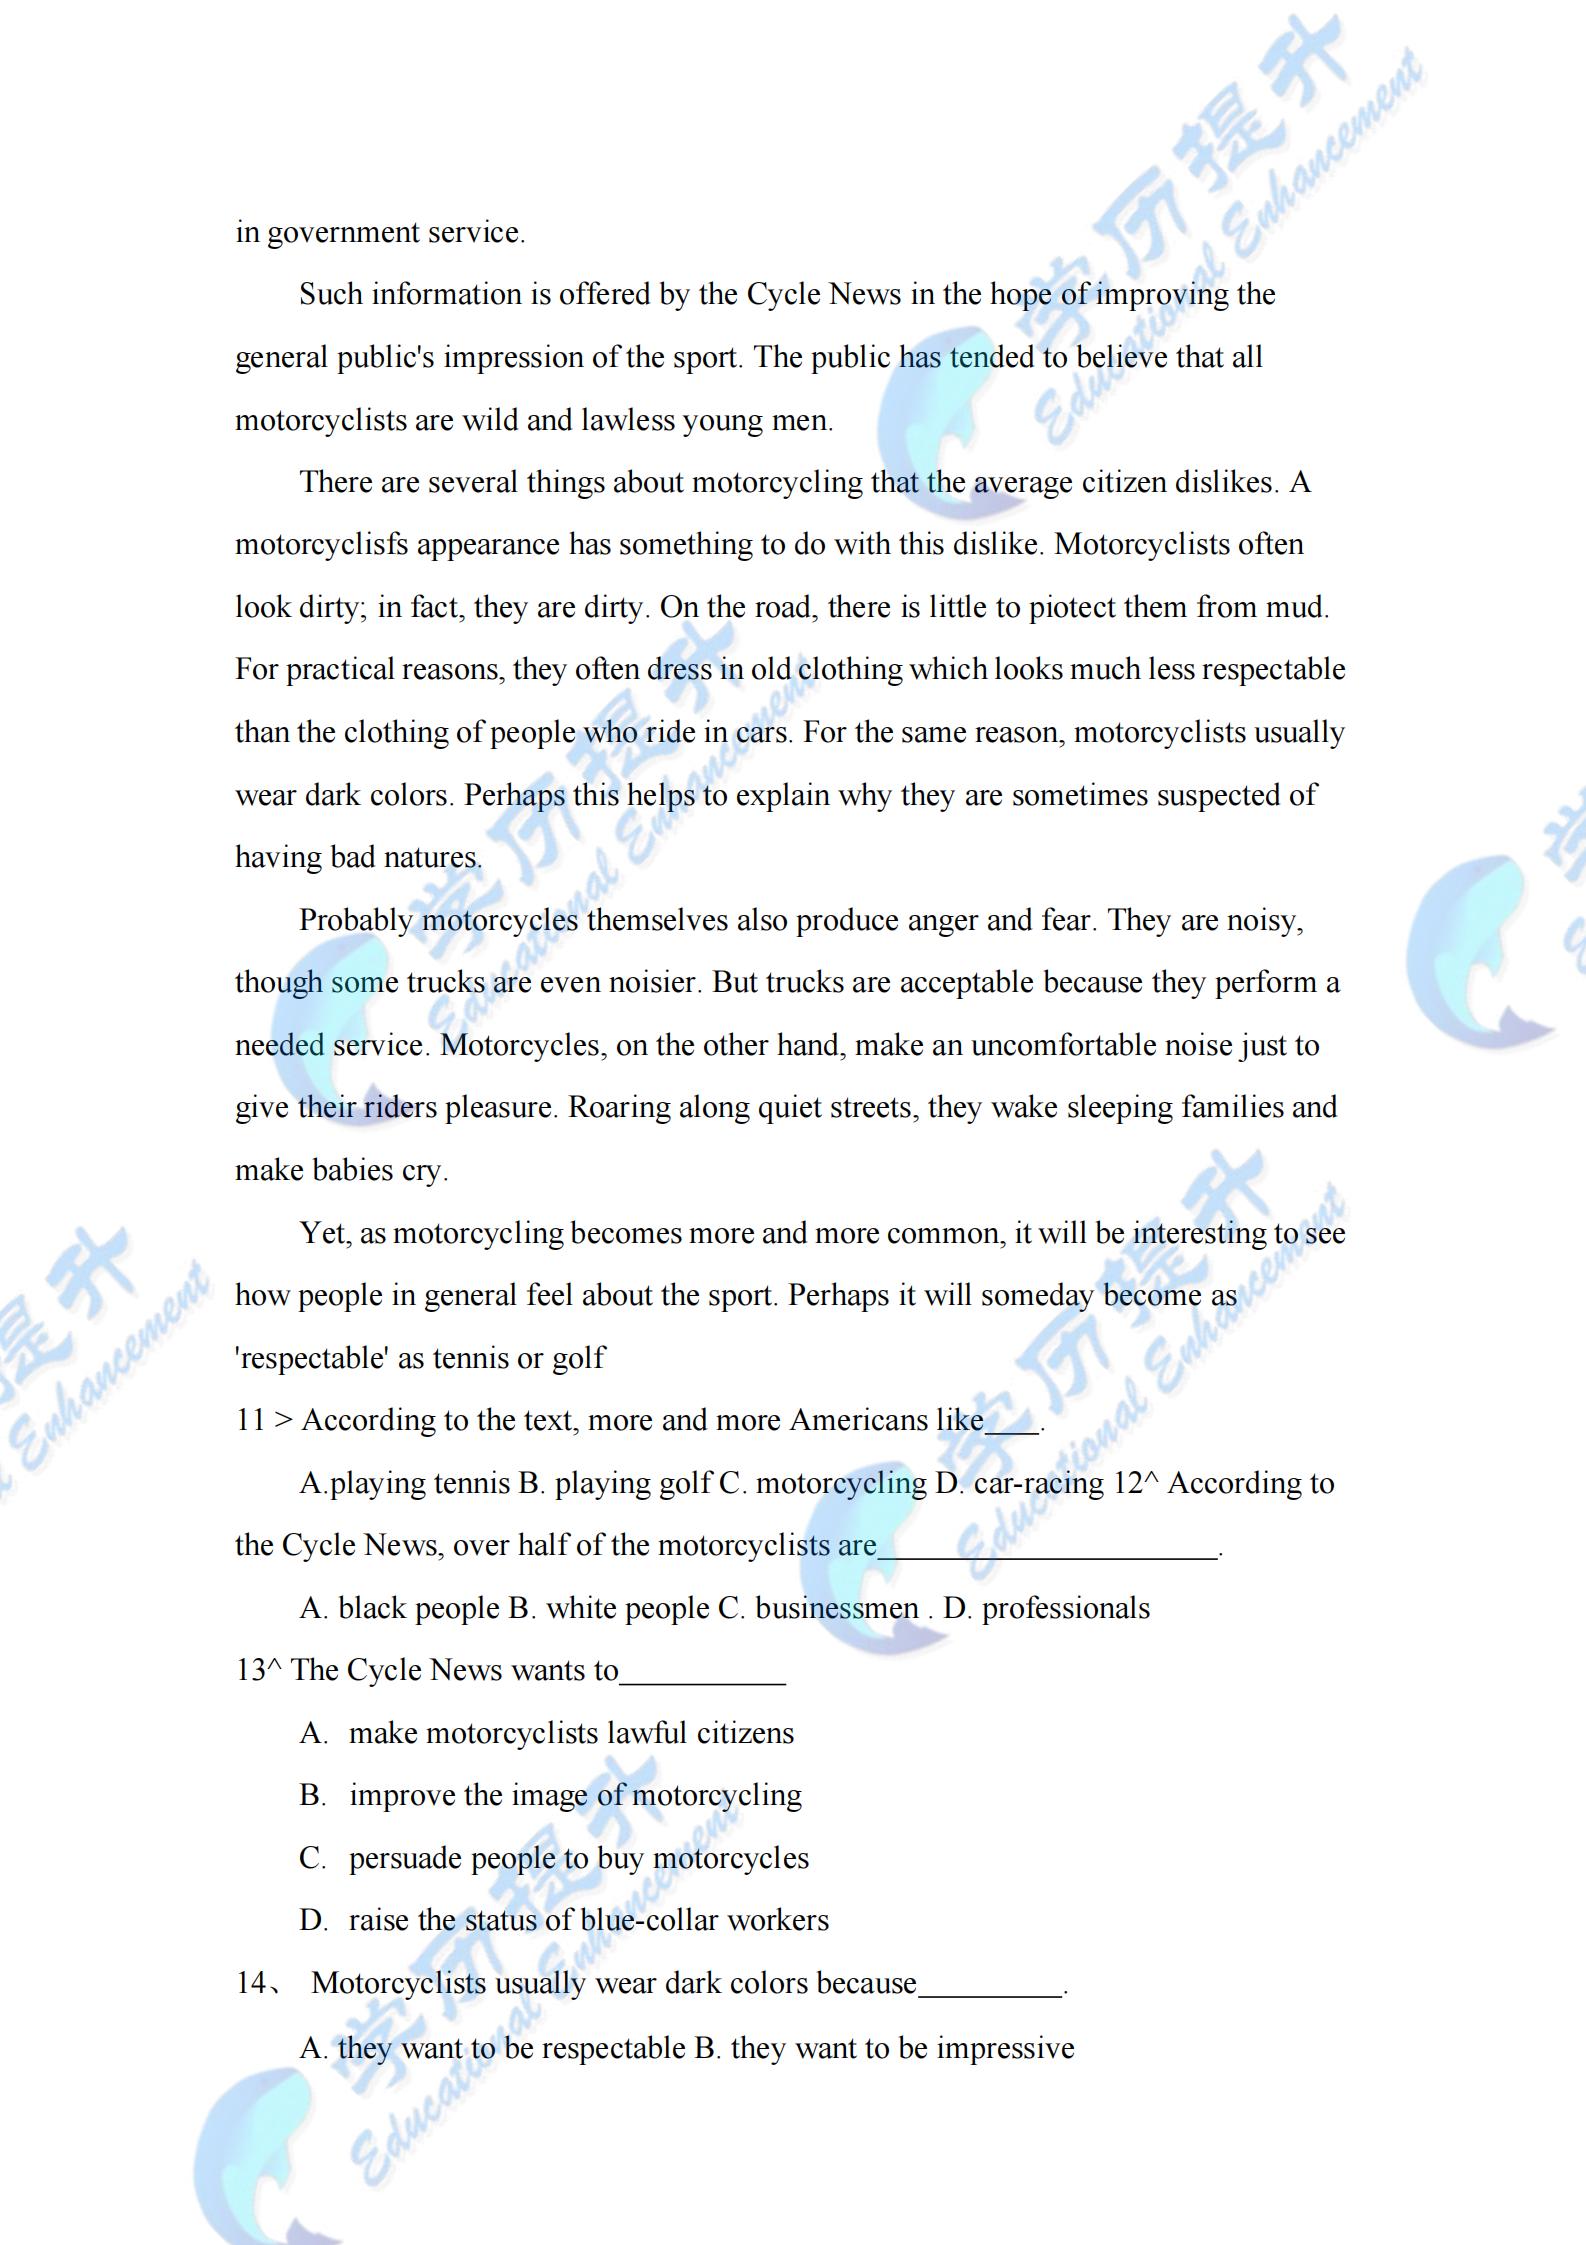 2015年自考本科(英语科目二)考试真题及答案在线下载